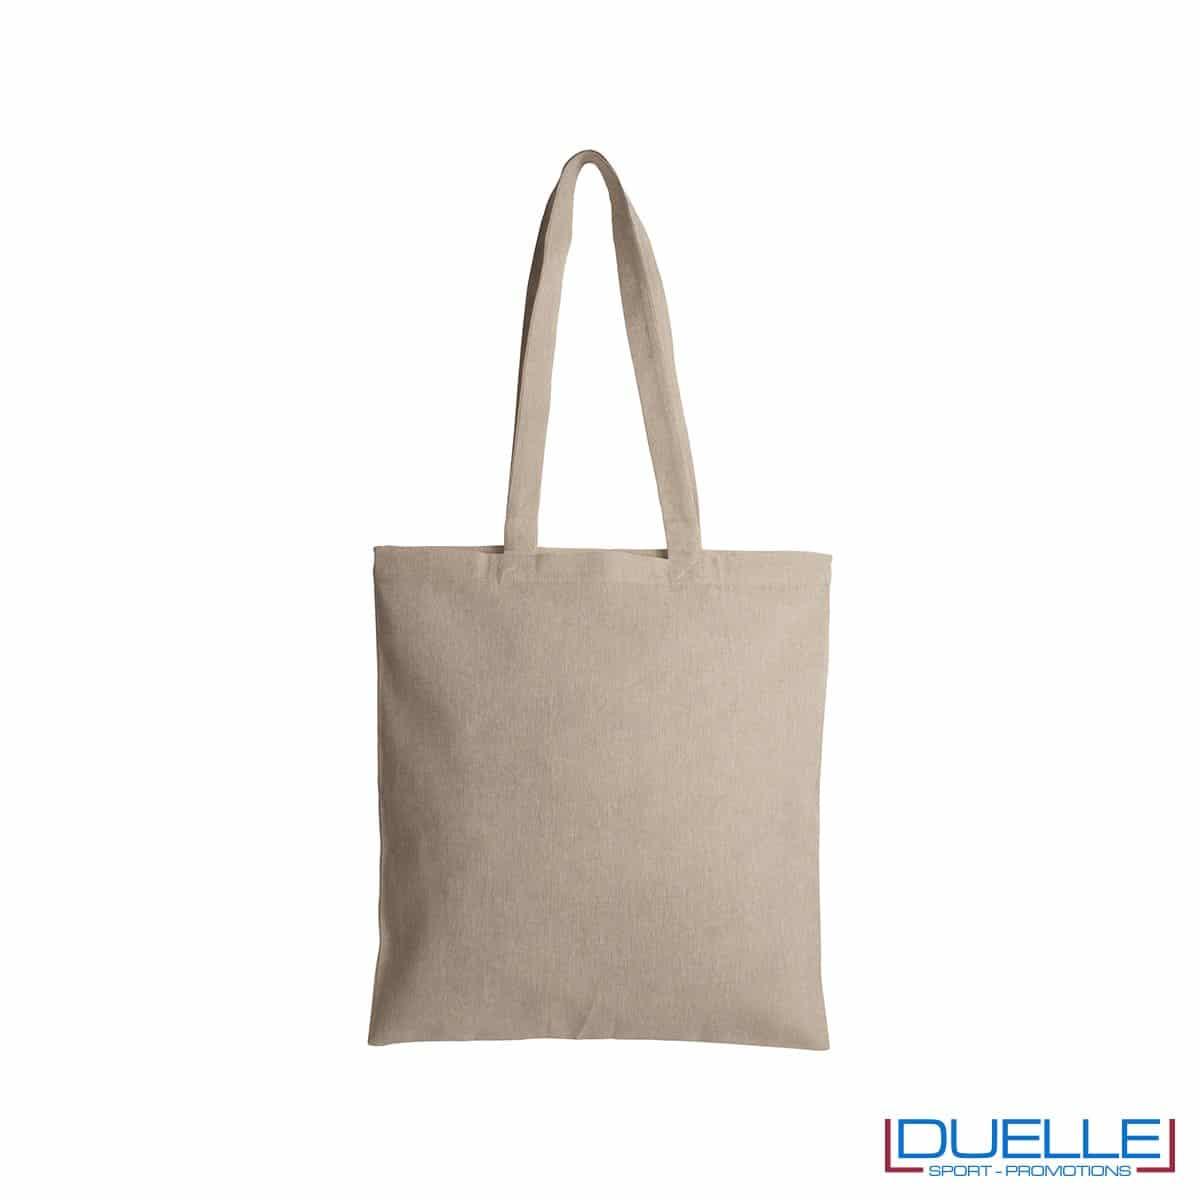 Shopper personalizzate in cotone riciclato colore naturale